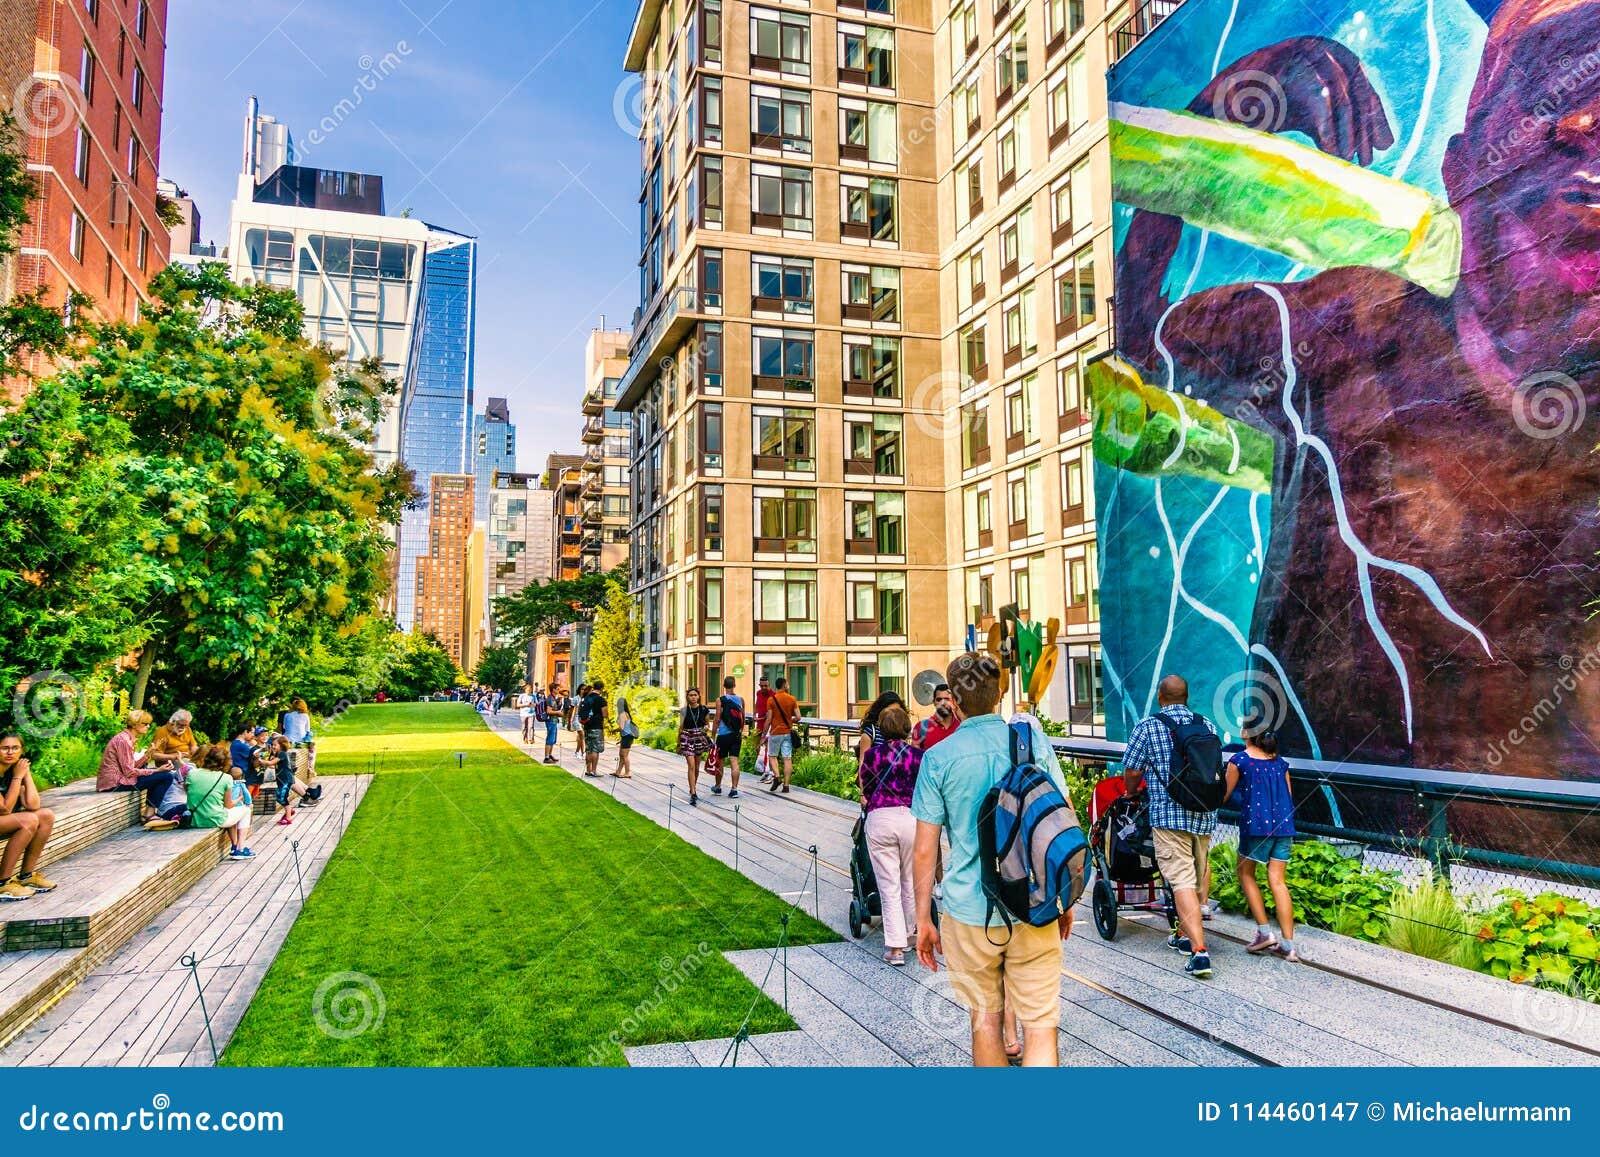 La ligne élevée parc à Manhattan New York Le parc urbain est populaire par des gens du pays et des touristes